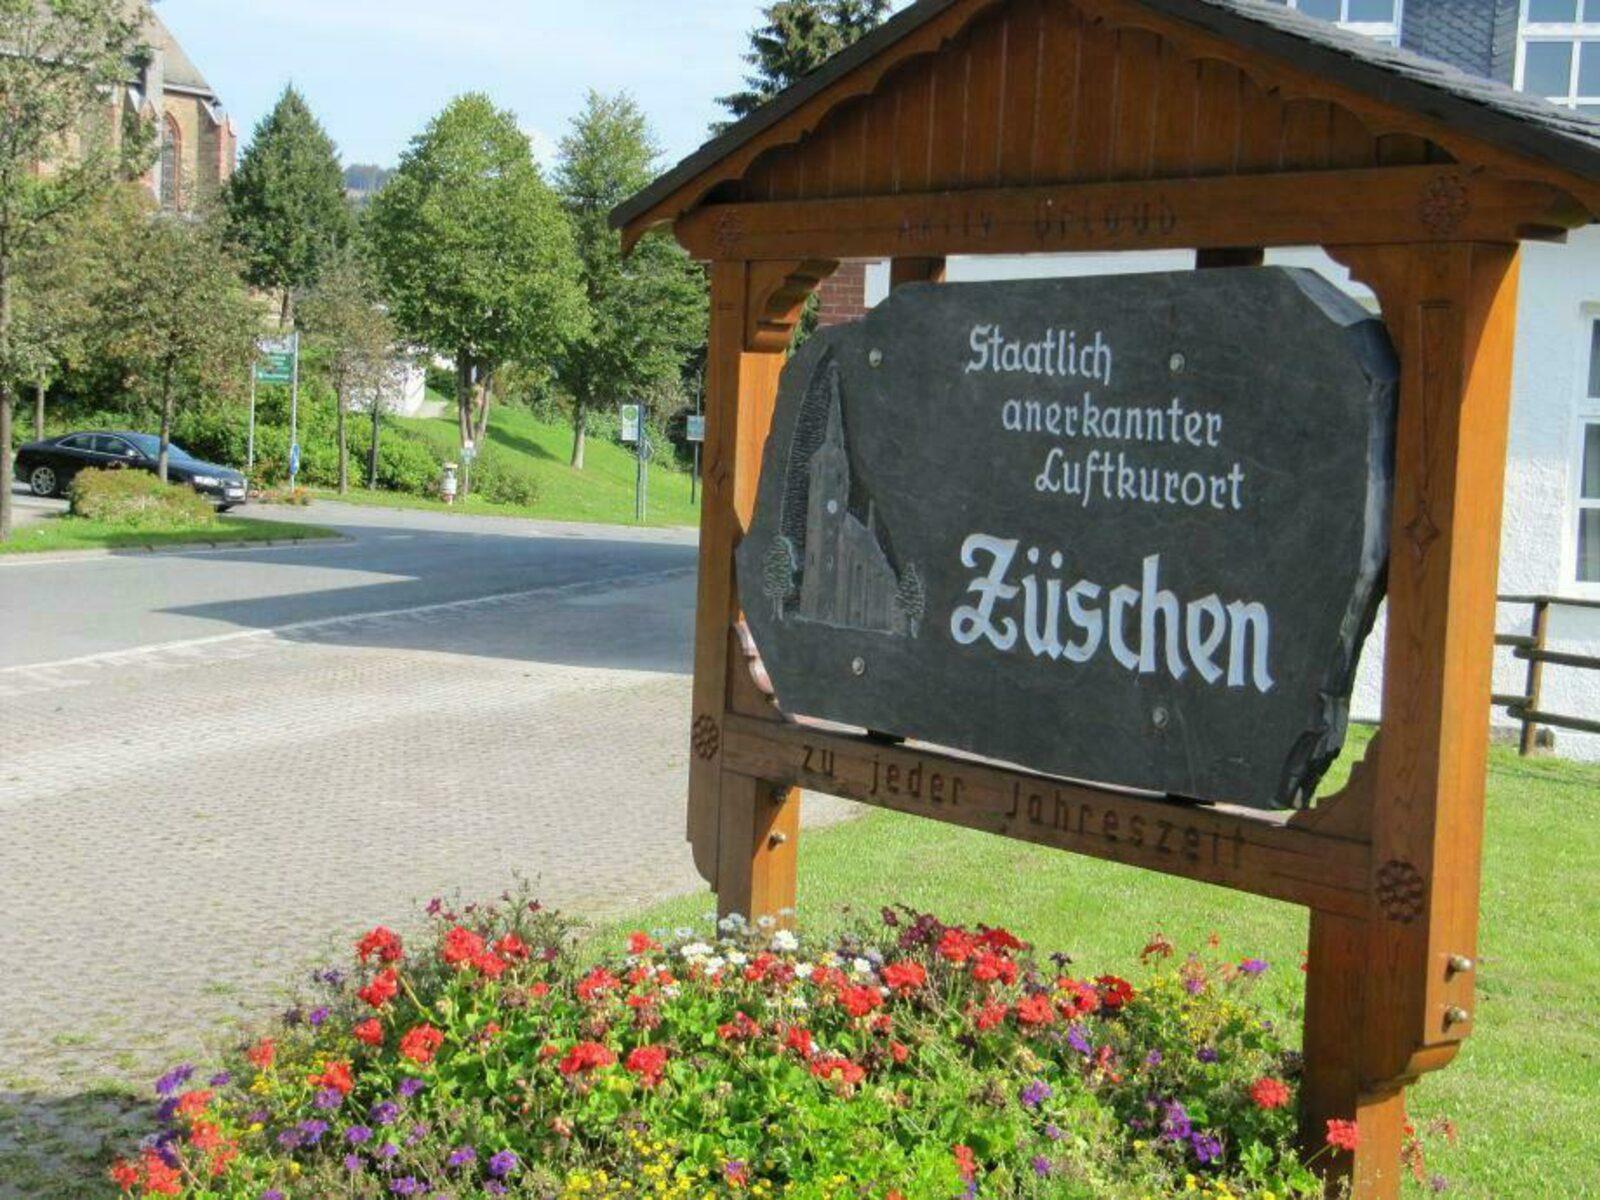 Appartement - Dechandt-Dobbererstrasse 13 | Winterberg-Zuschen 'Der Alte Schule'